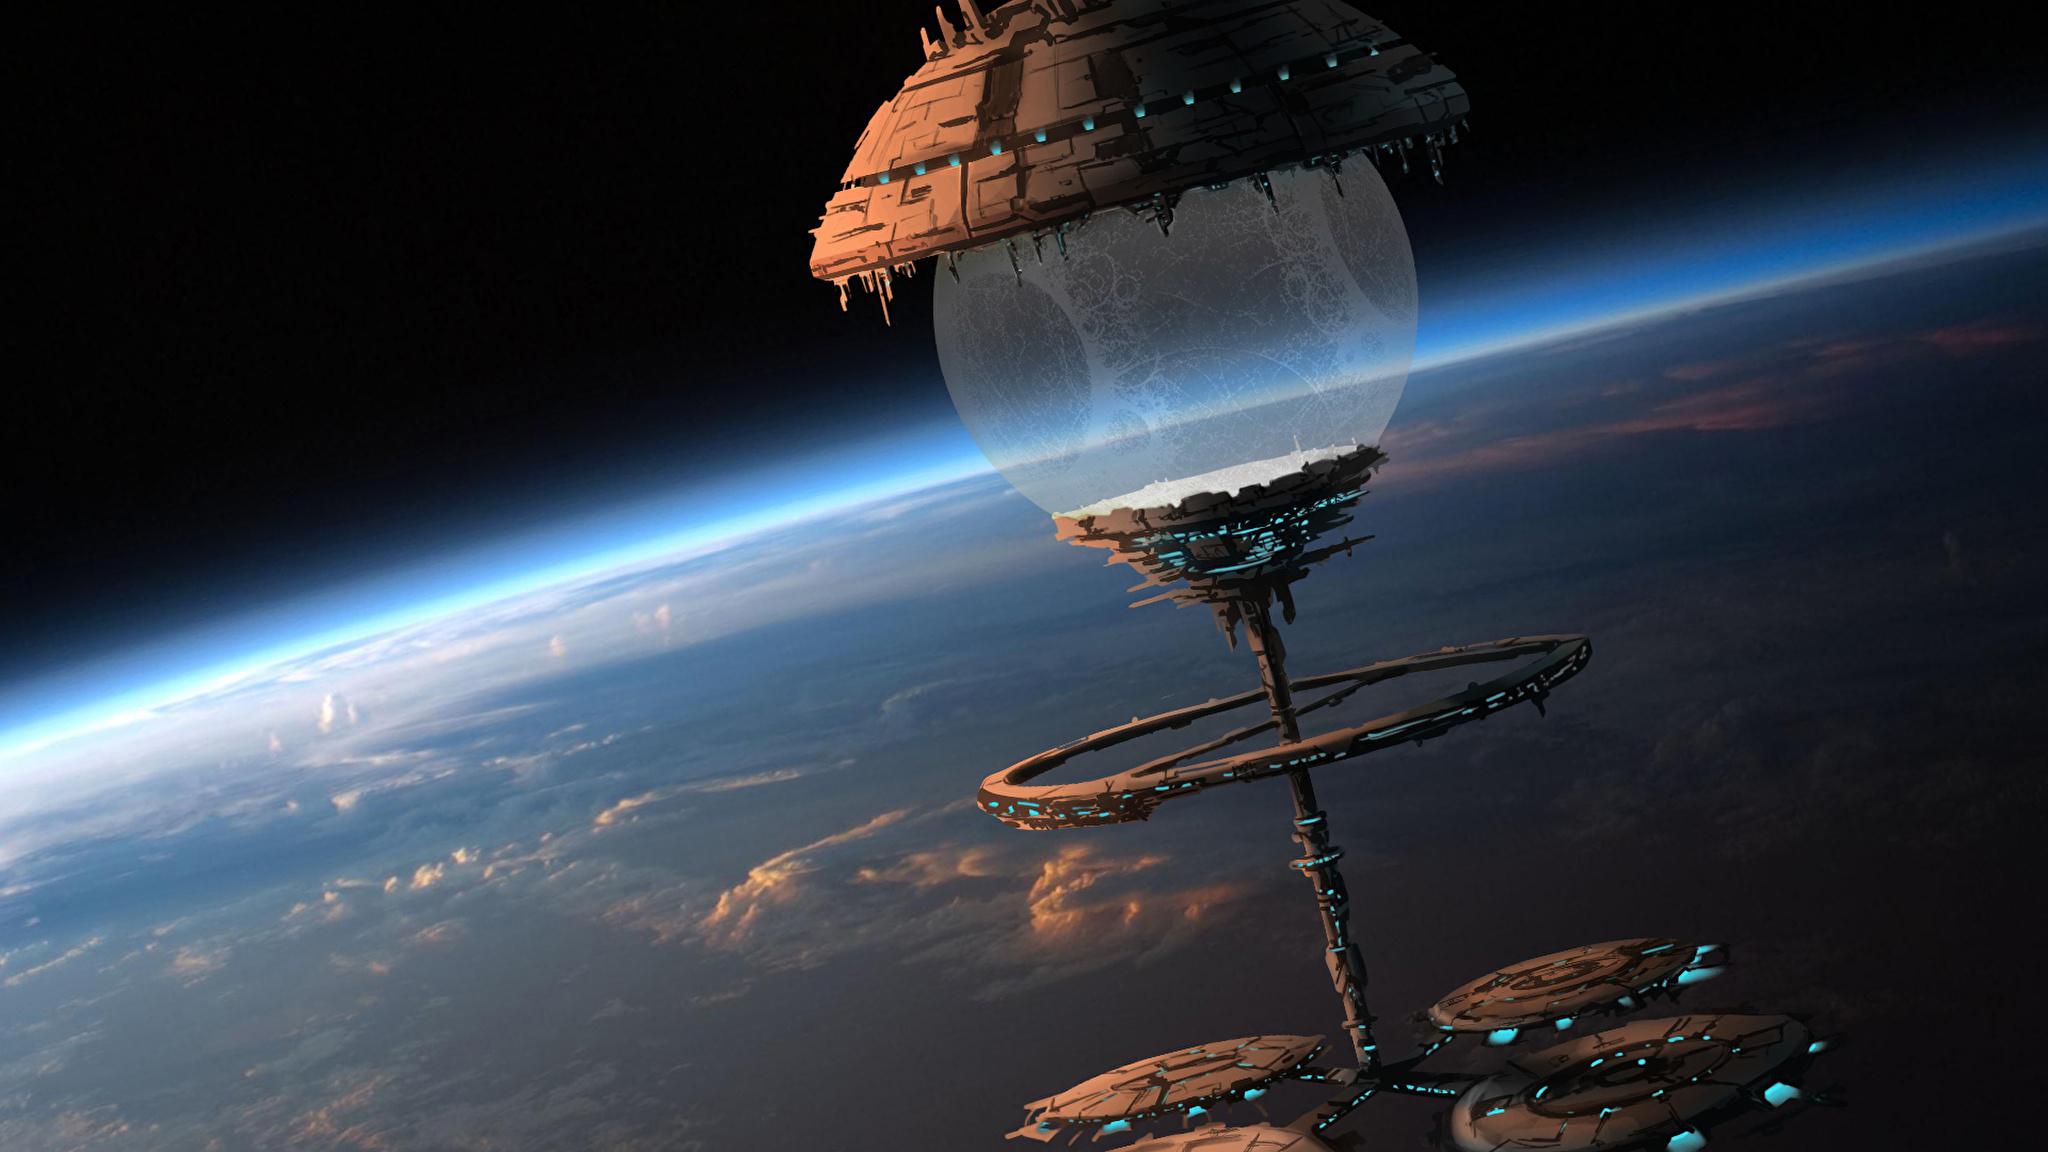 Обои космический корабль планета картинки на рабочий стол на тему Космос - скачать  № 3950375 без смс